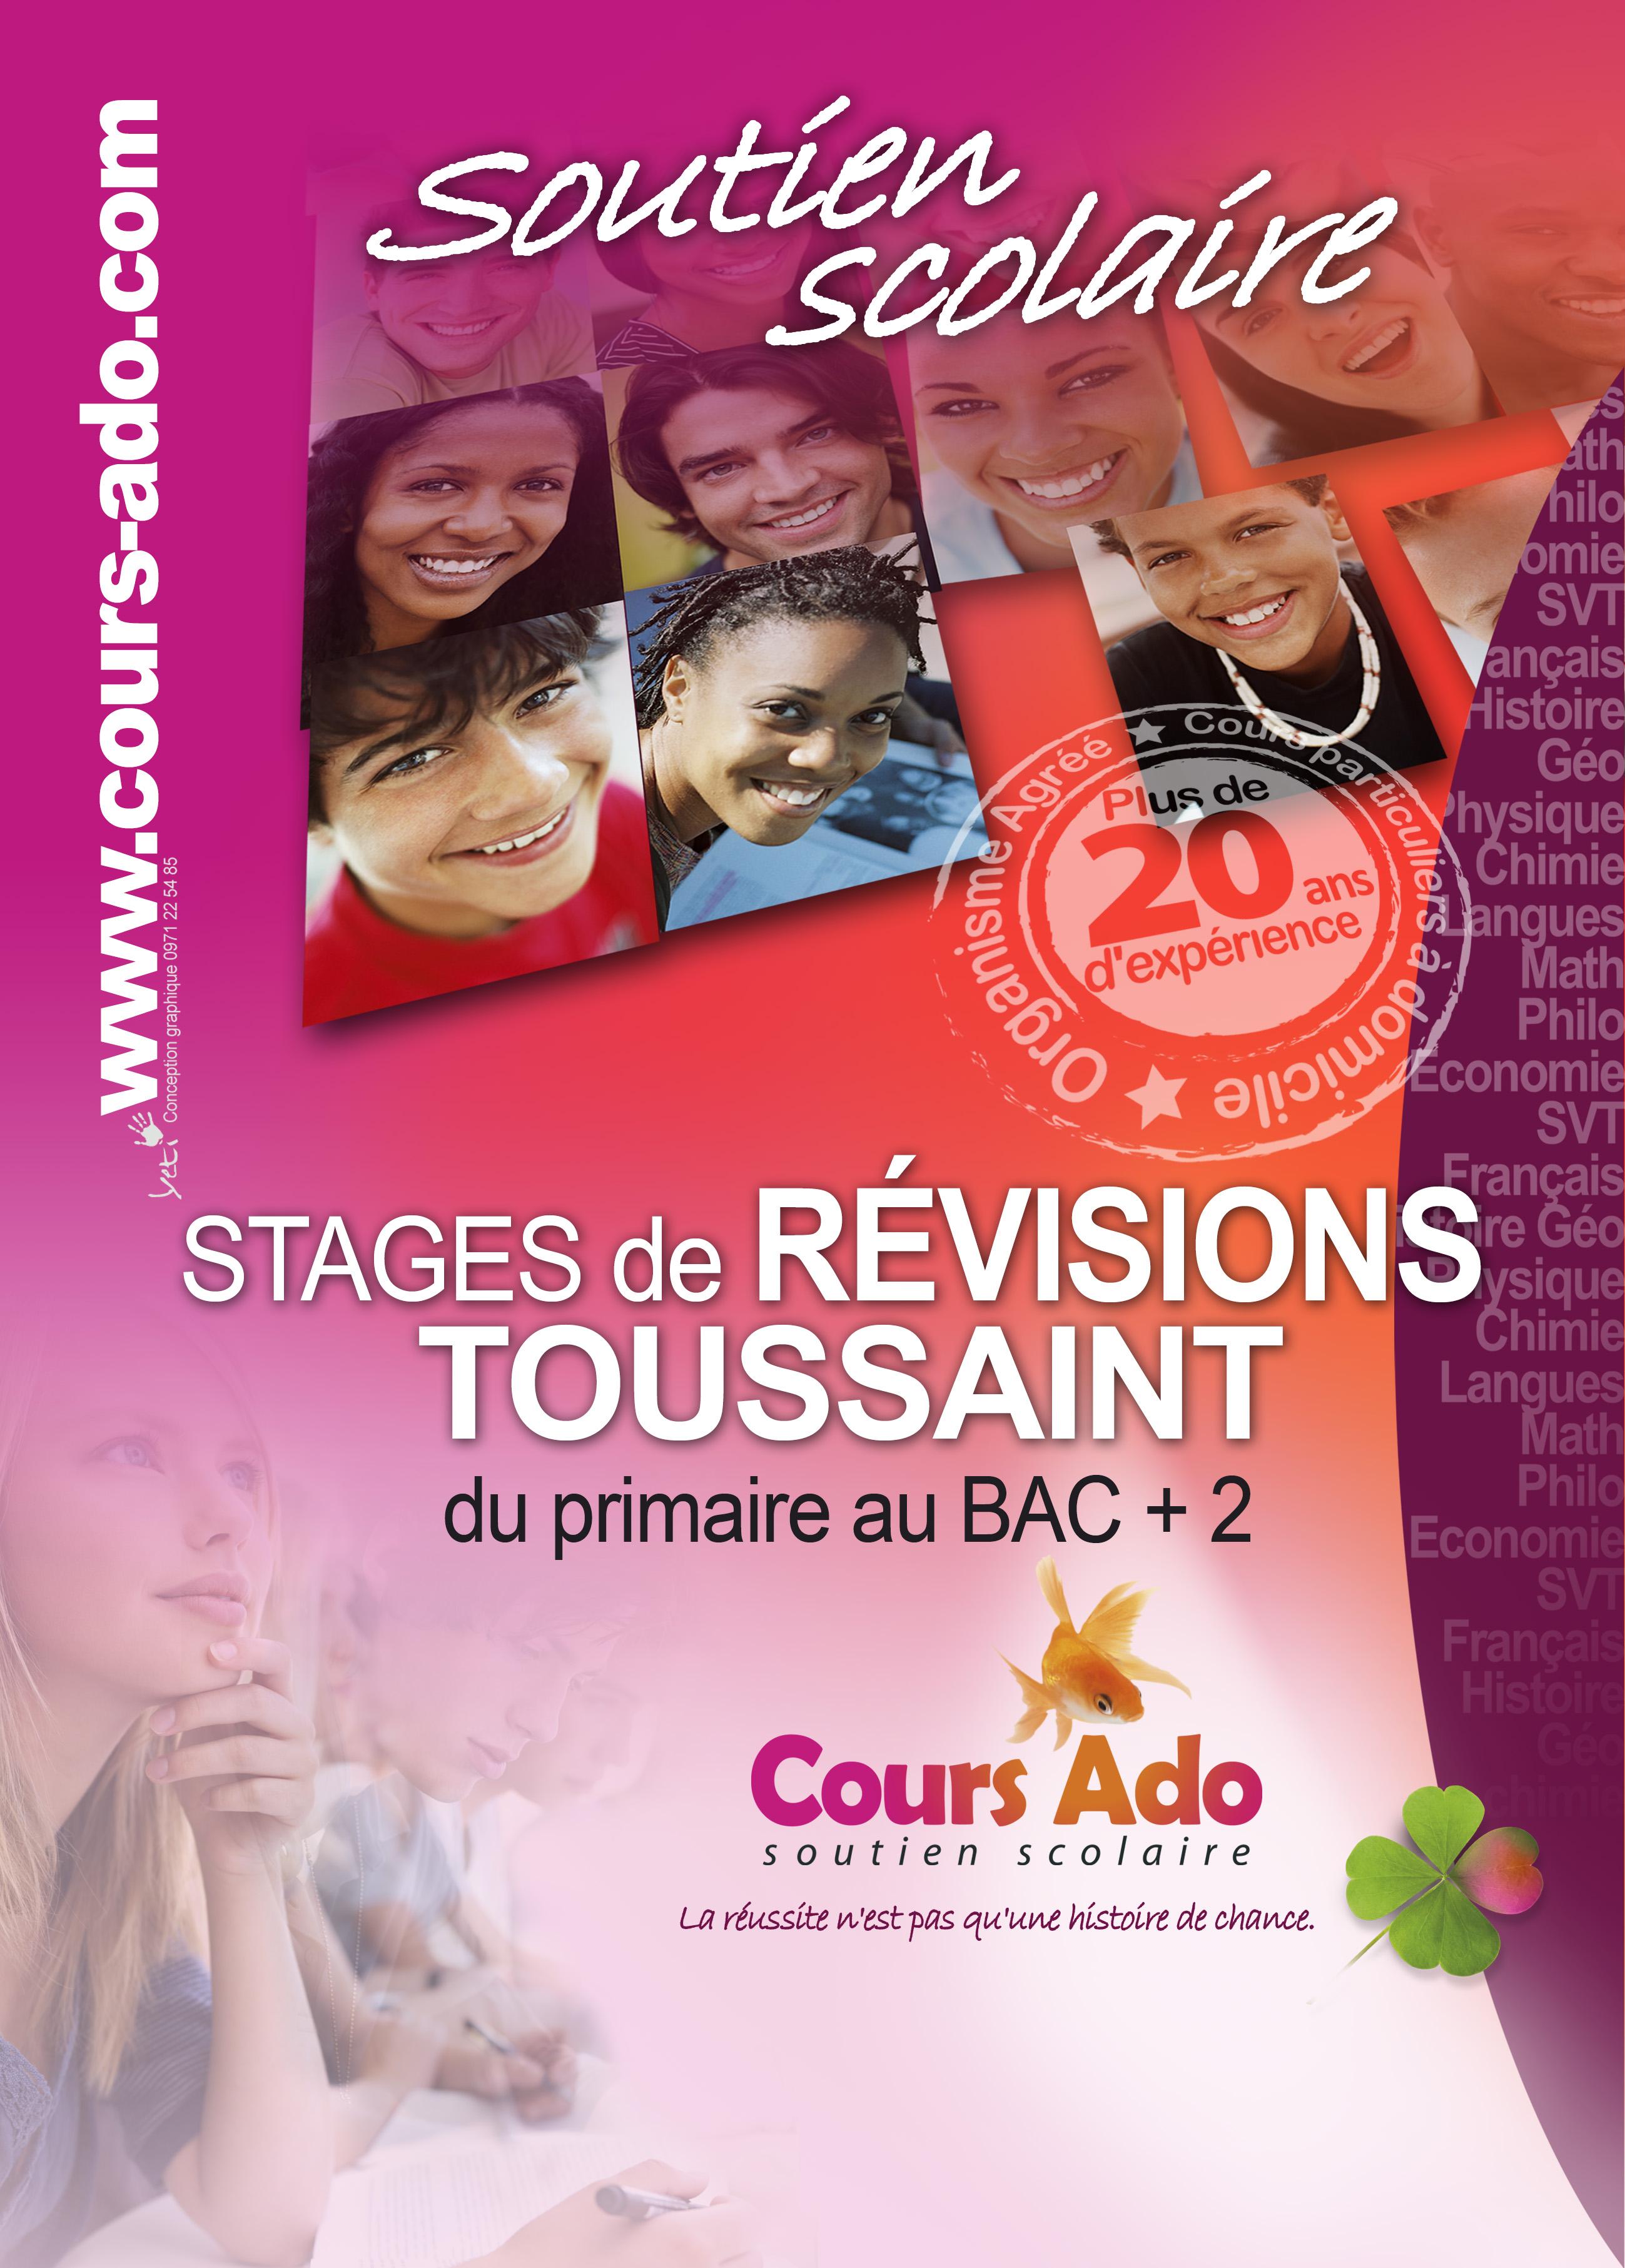 affiche stage de révisions de Toussaint